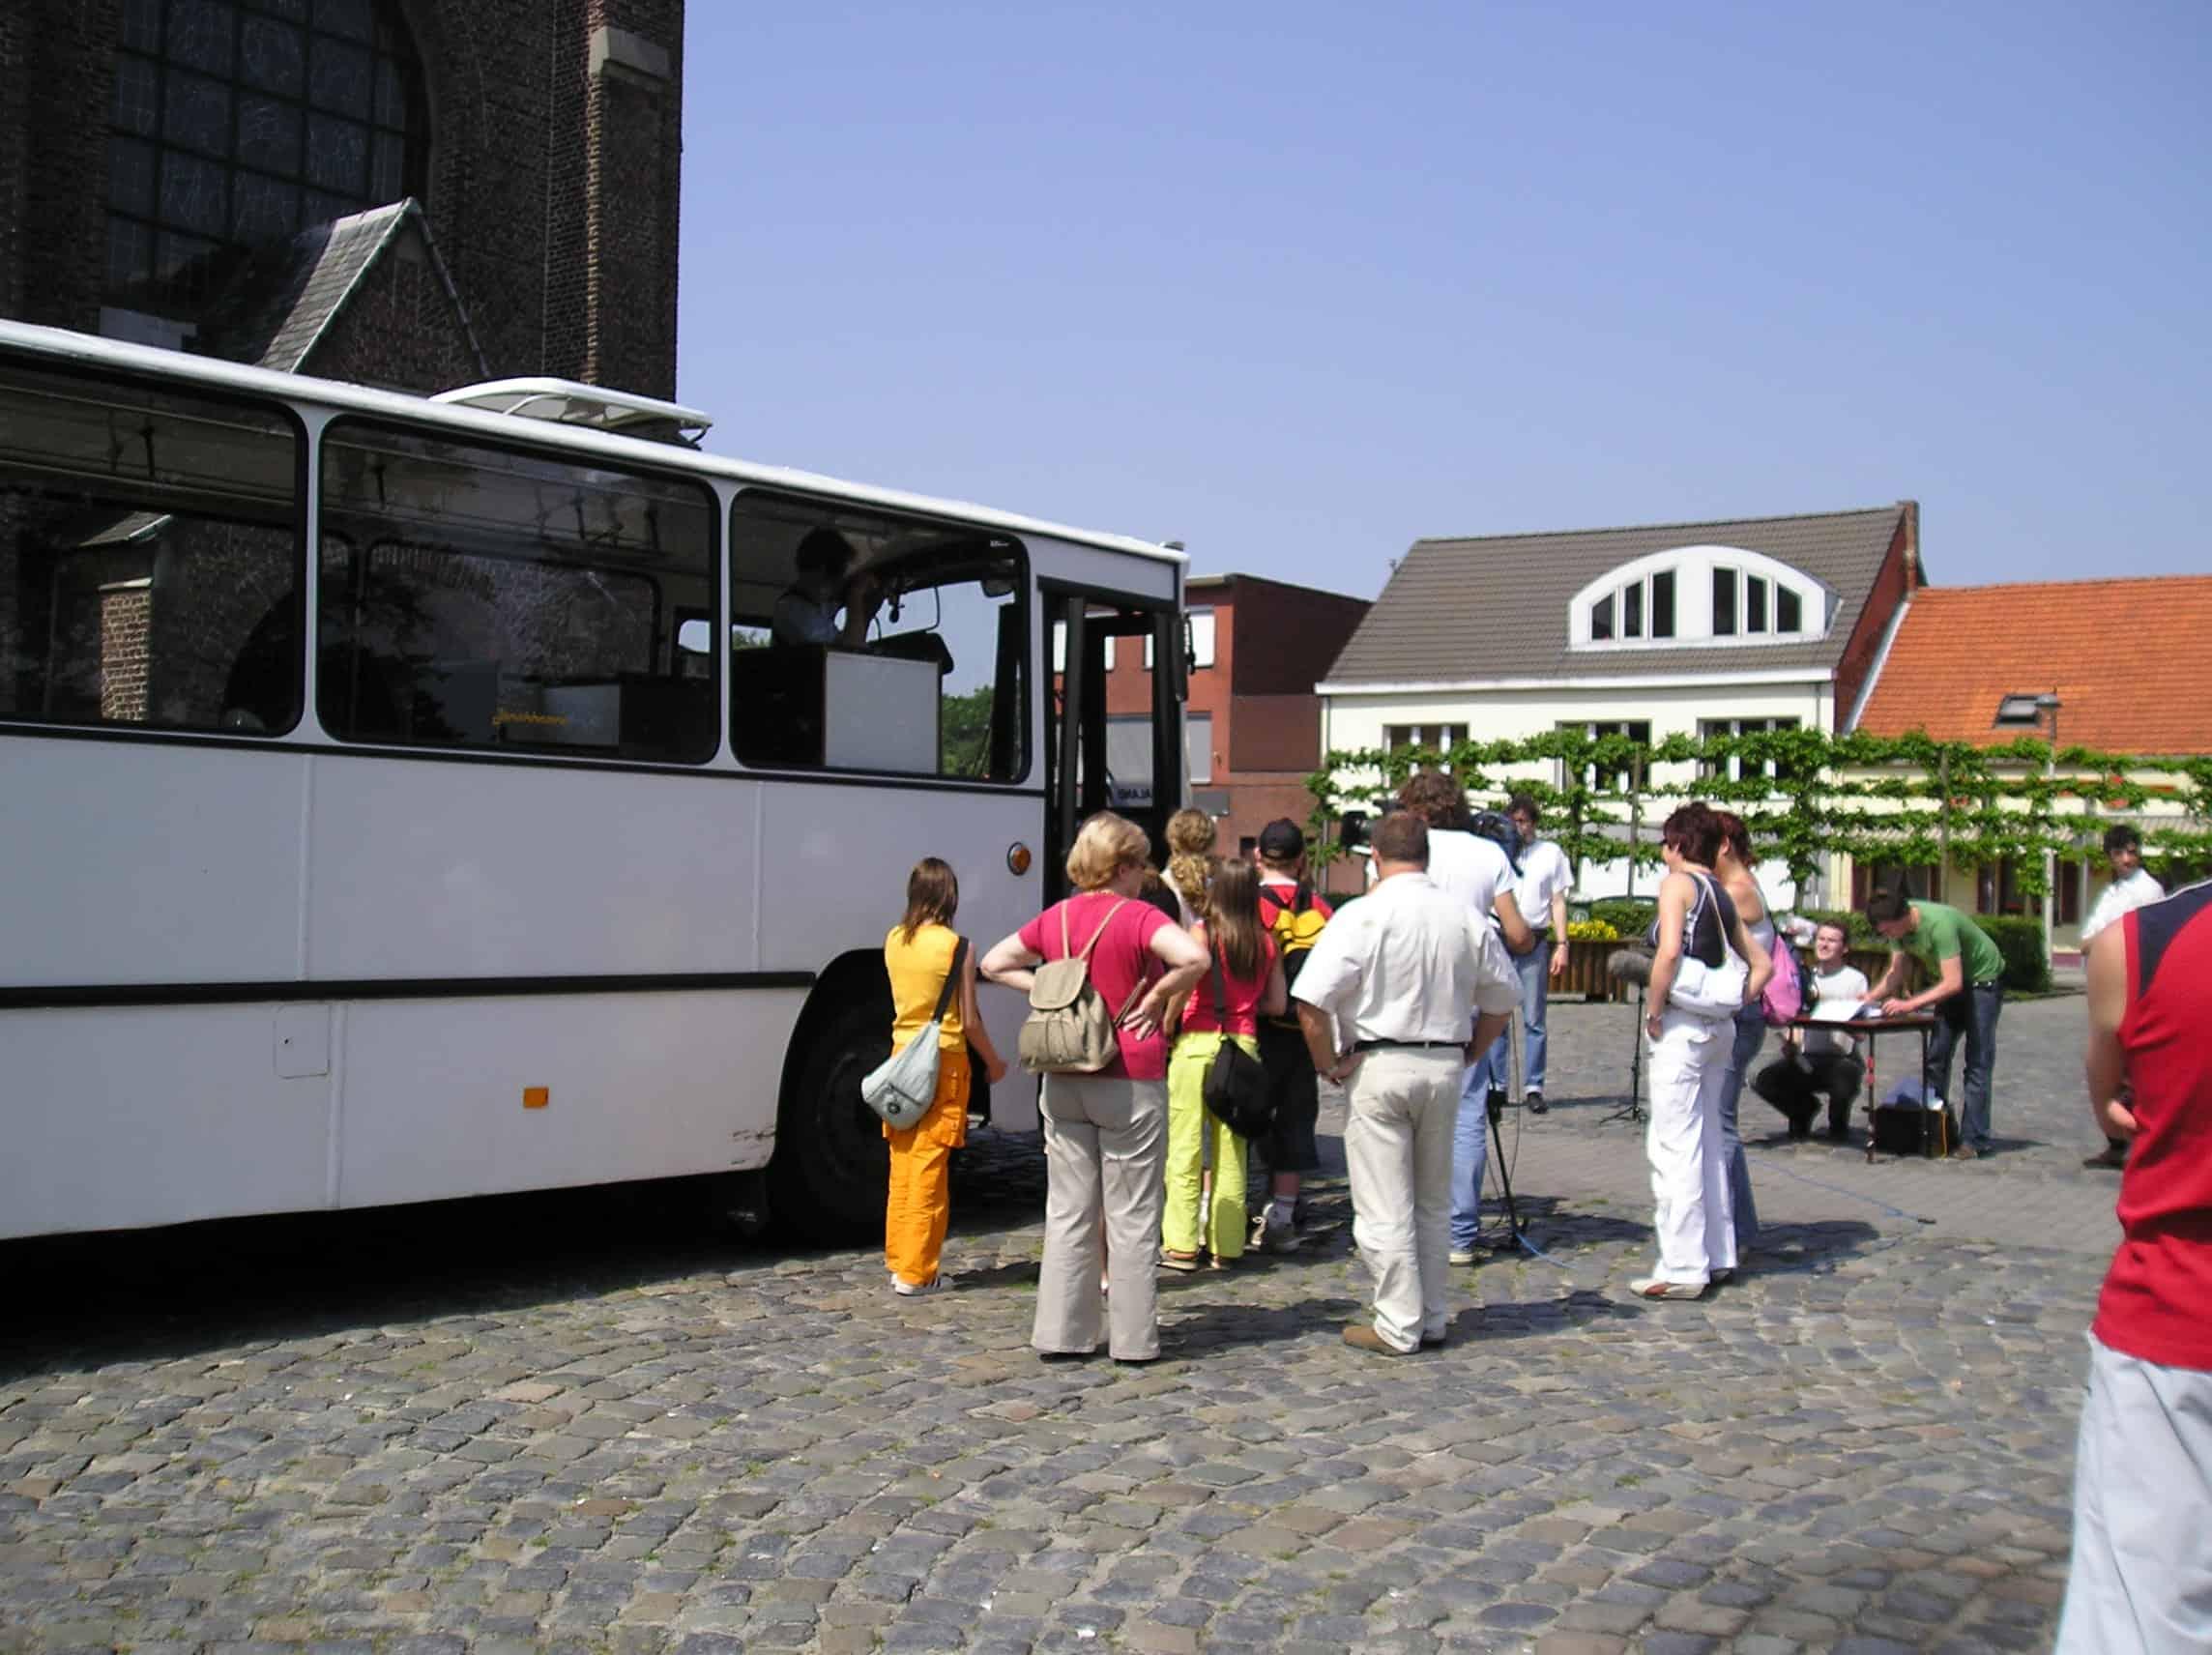 witte DAF-bus 1981 feestbus